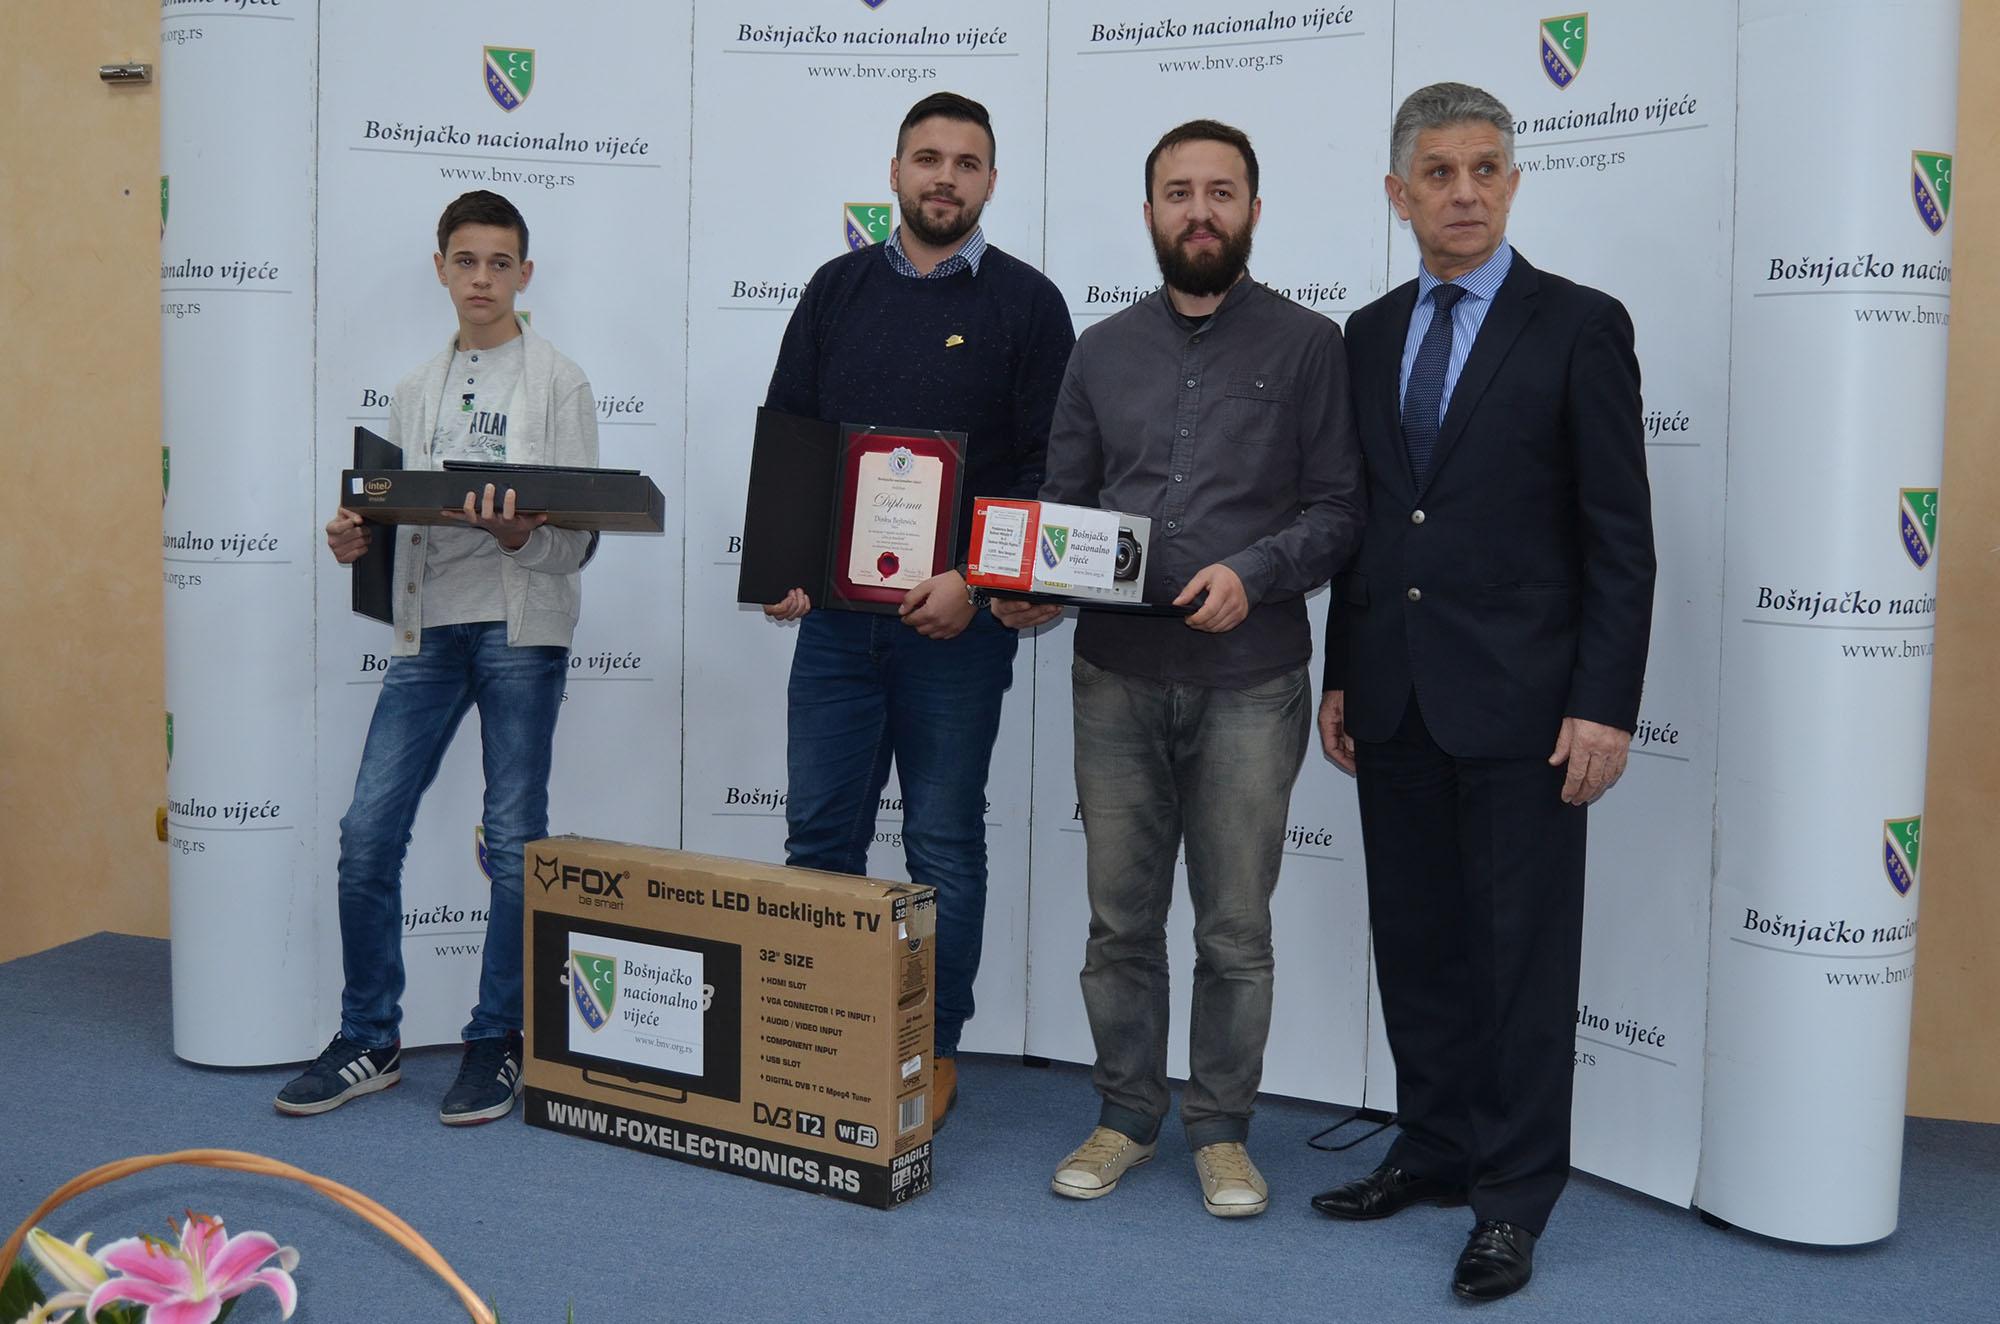 Dobitnici nagrada i diploma za prva mjesta literarnog konkursa i foto konkursa.